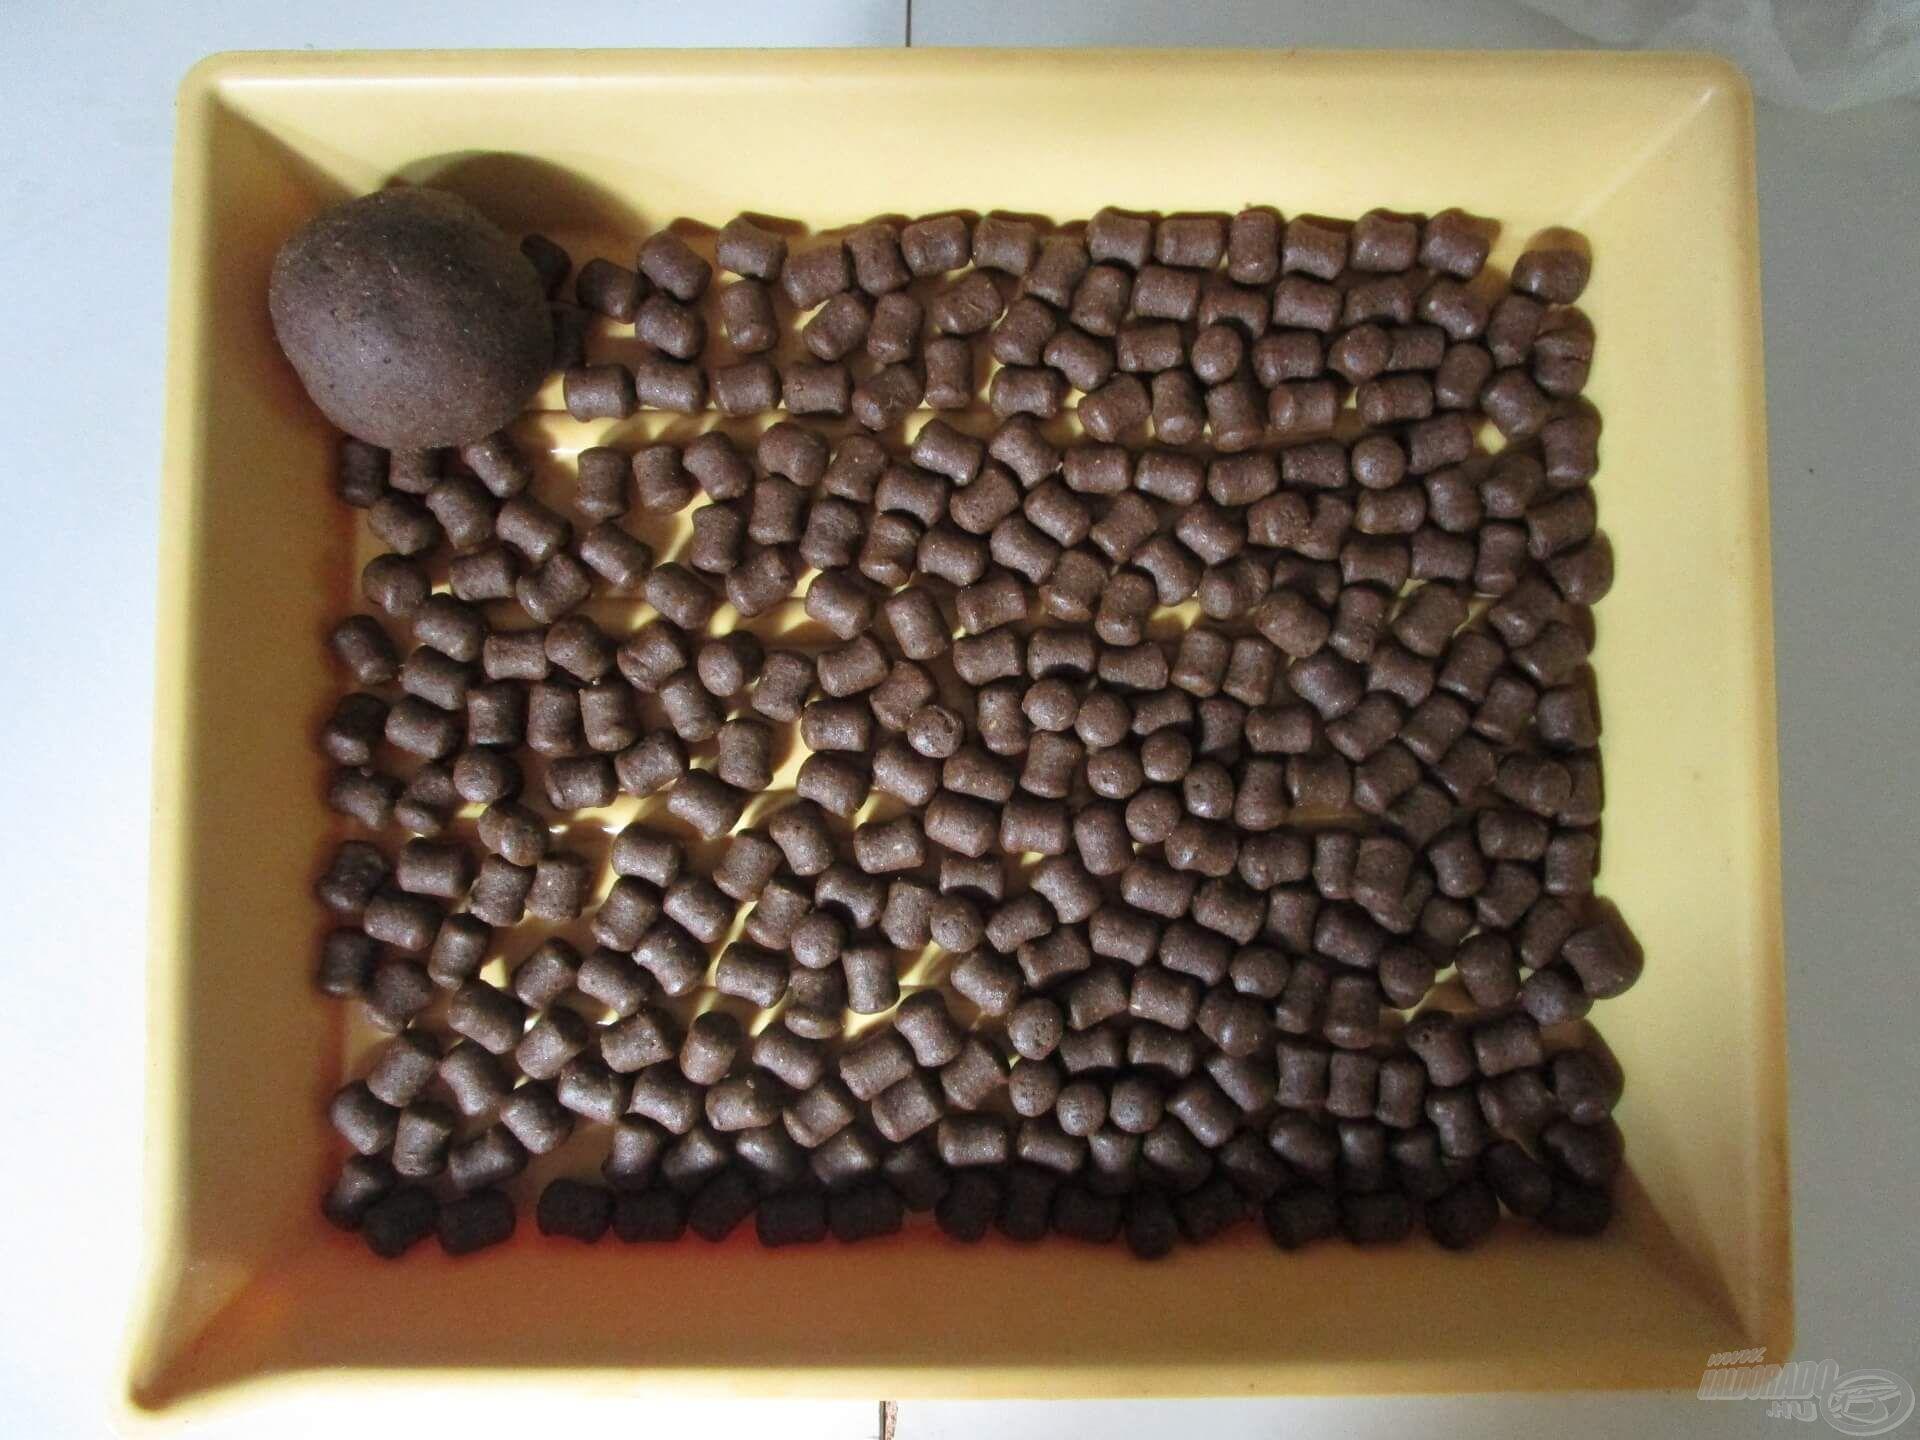 A végeredmény. Sok pellet és egy gombóc a megmaradt masszából, ami felhasználható ólomra gyúrva, a csalit is be lehet vele vonni, de pasztakosárba is kiváló!